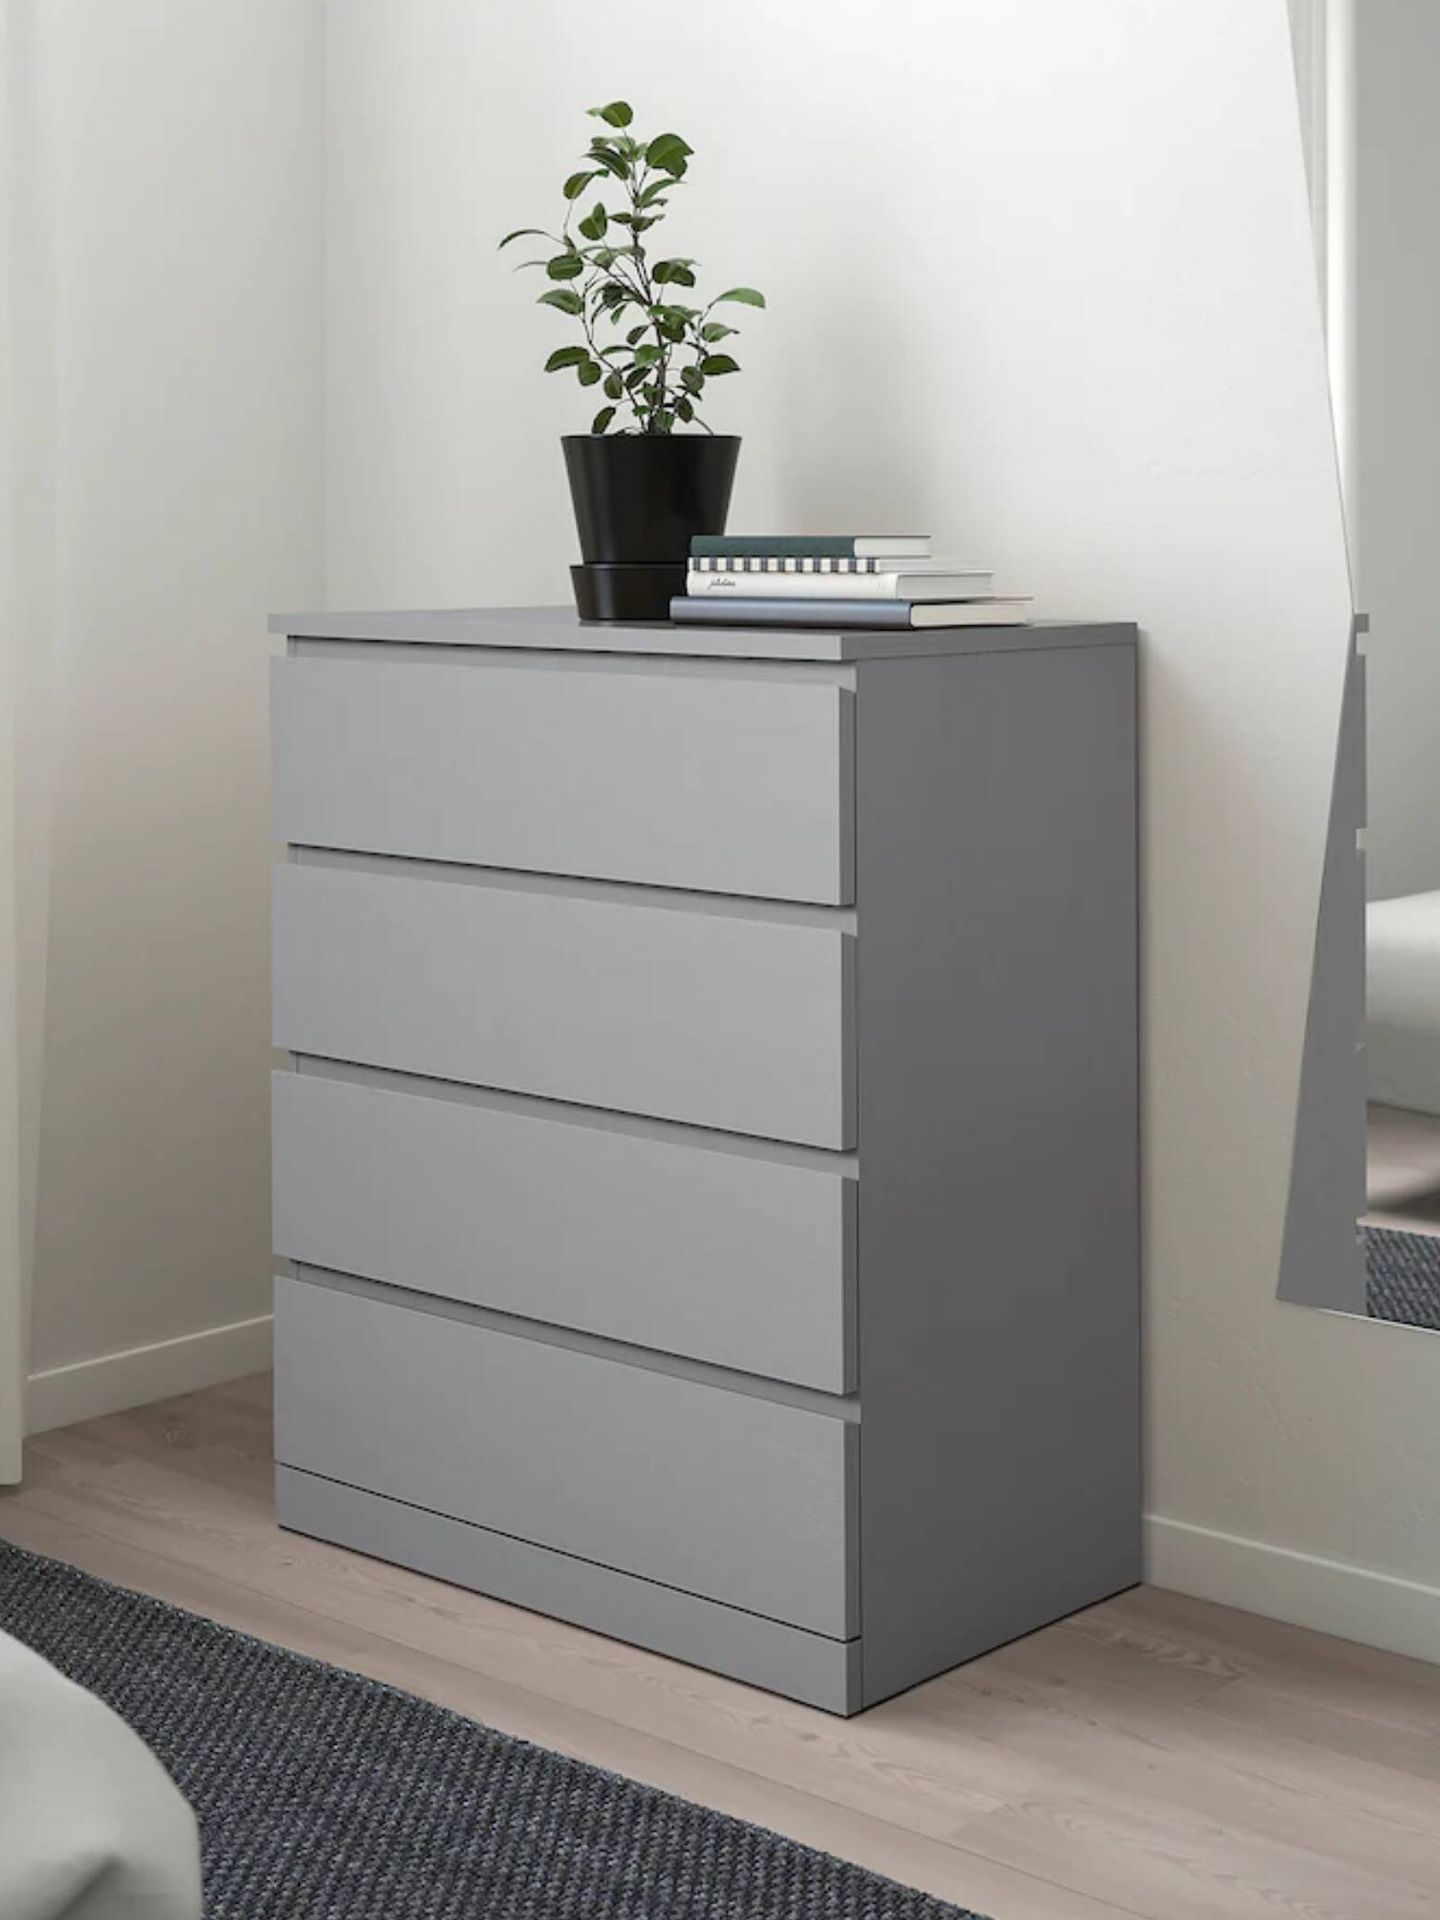 Cómoda de Ikea para dormitorios pequeños. (Cortesía)